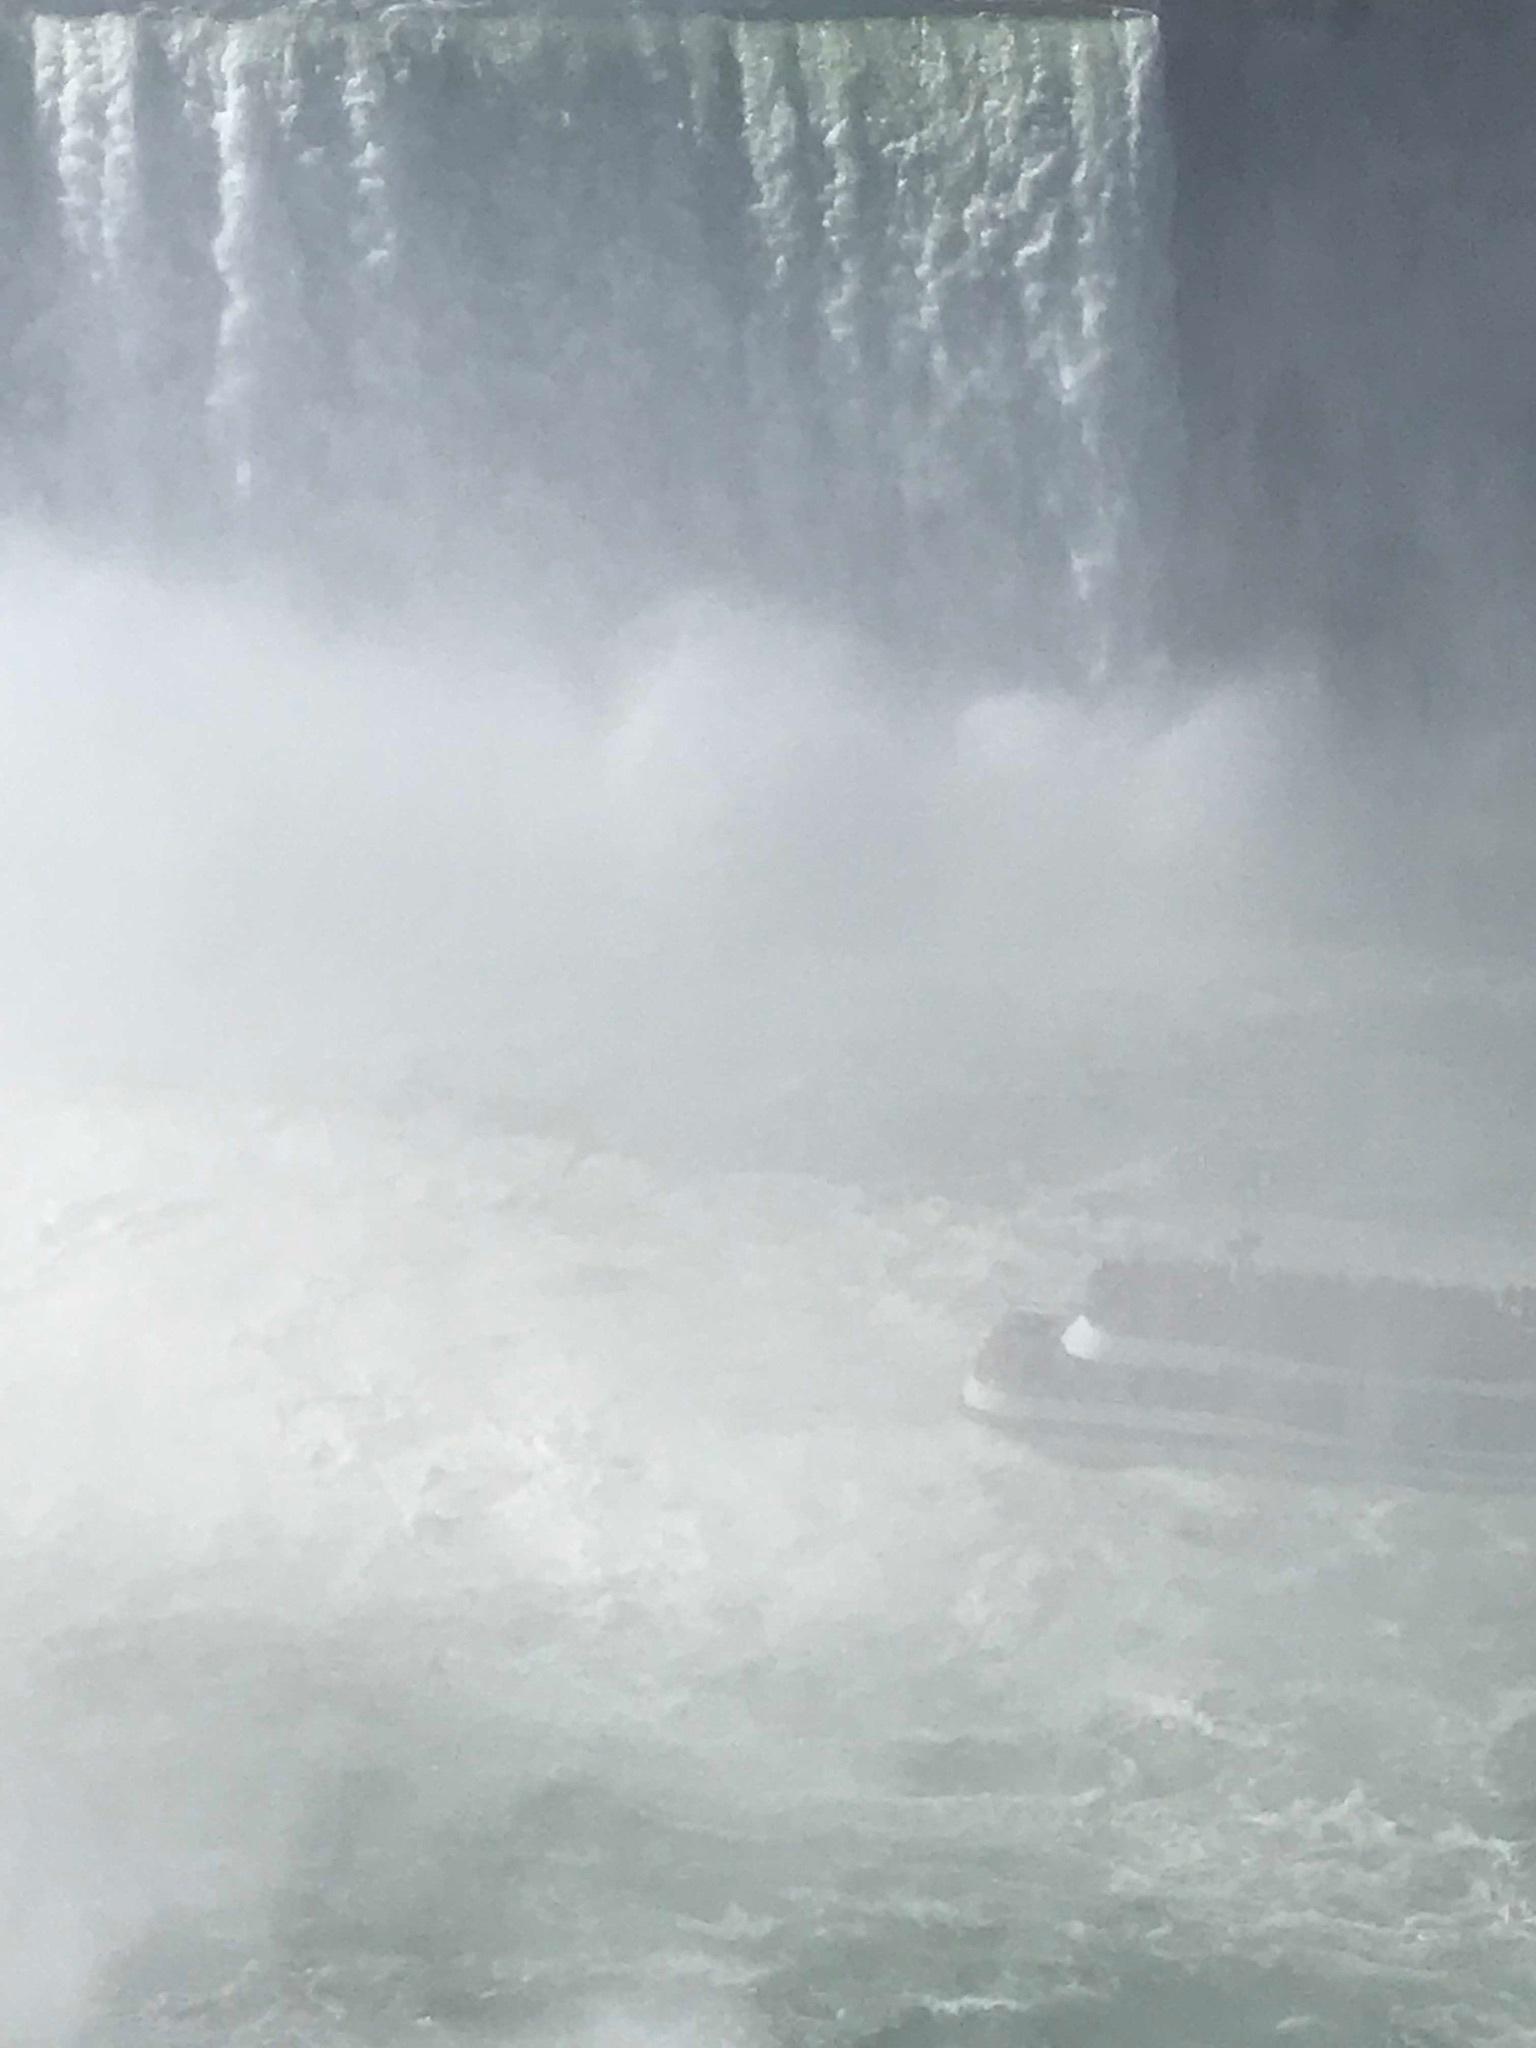 やっぱり圧巻 ナイアガラの滝 + 紅葉街道_d0269832_23500927.jpeg